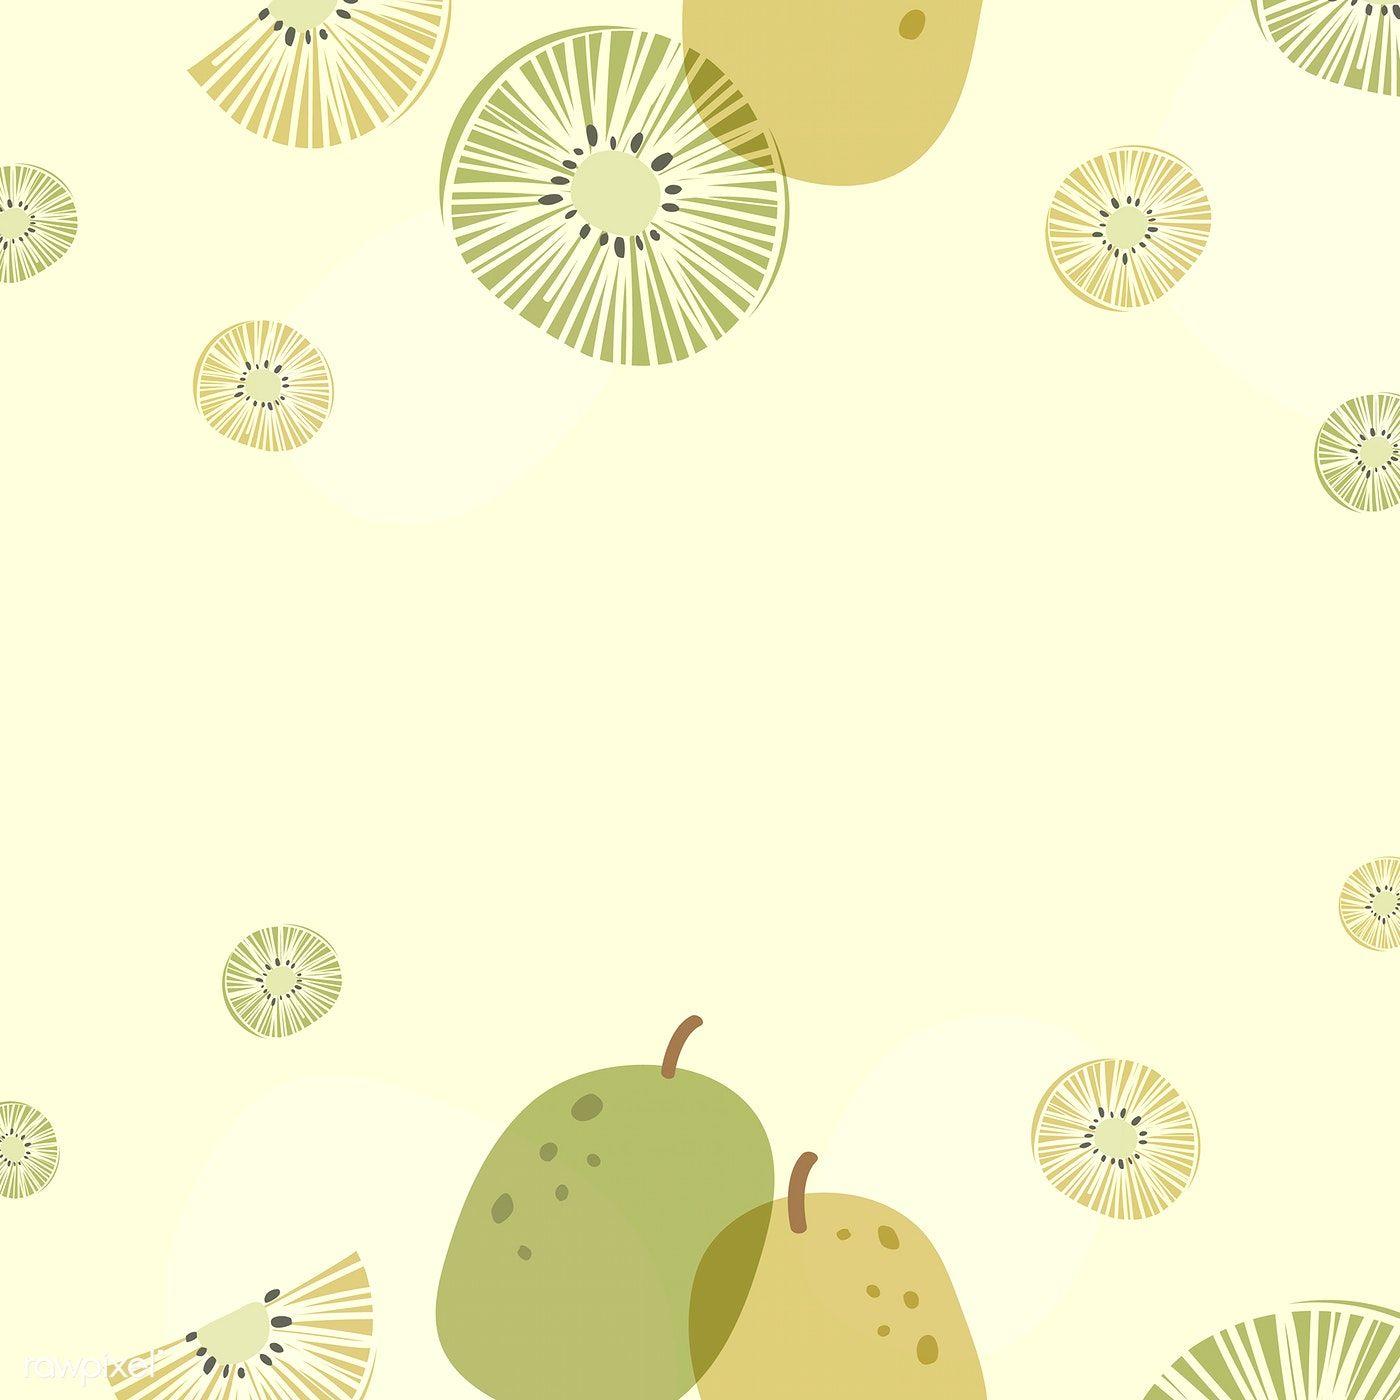 Download Premium Vector Of Kiwi Patterned Background With Design Space Ilustrasi Karakter Ilustrasi Kartu Kertas